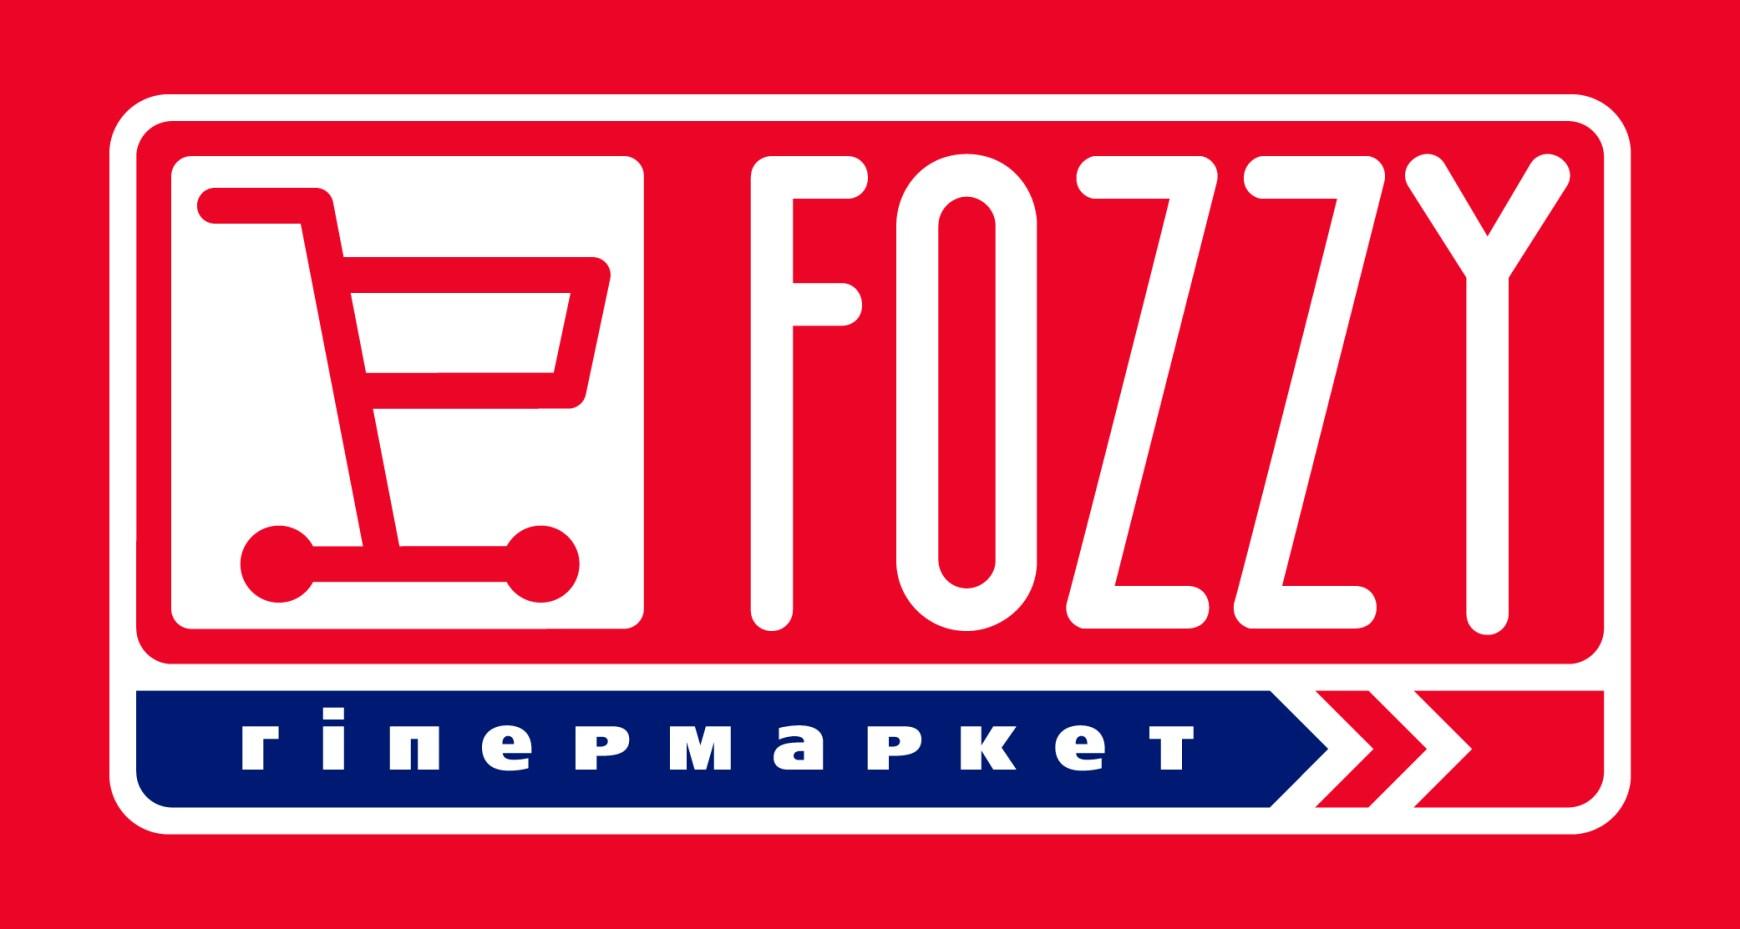 http://service.alexcom.ua/wp-content/uploads/2020/12/logo_big_fozzy.jpg